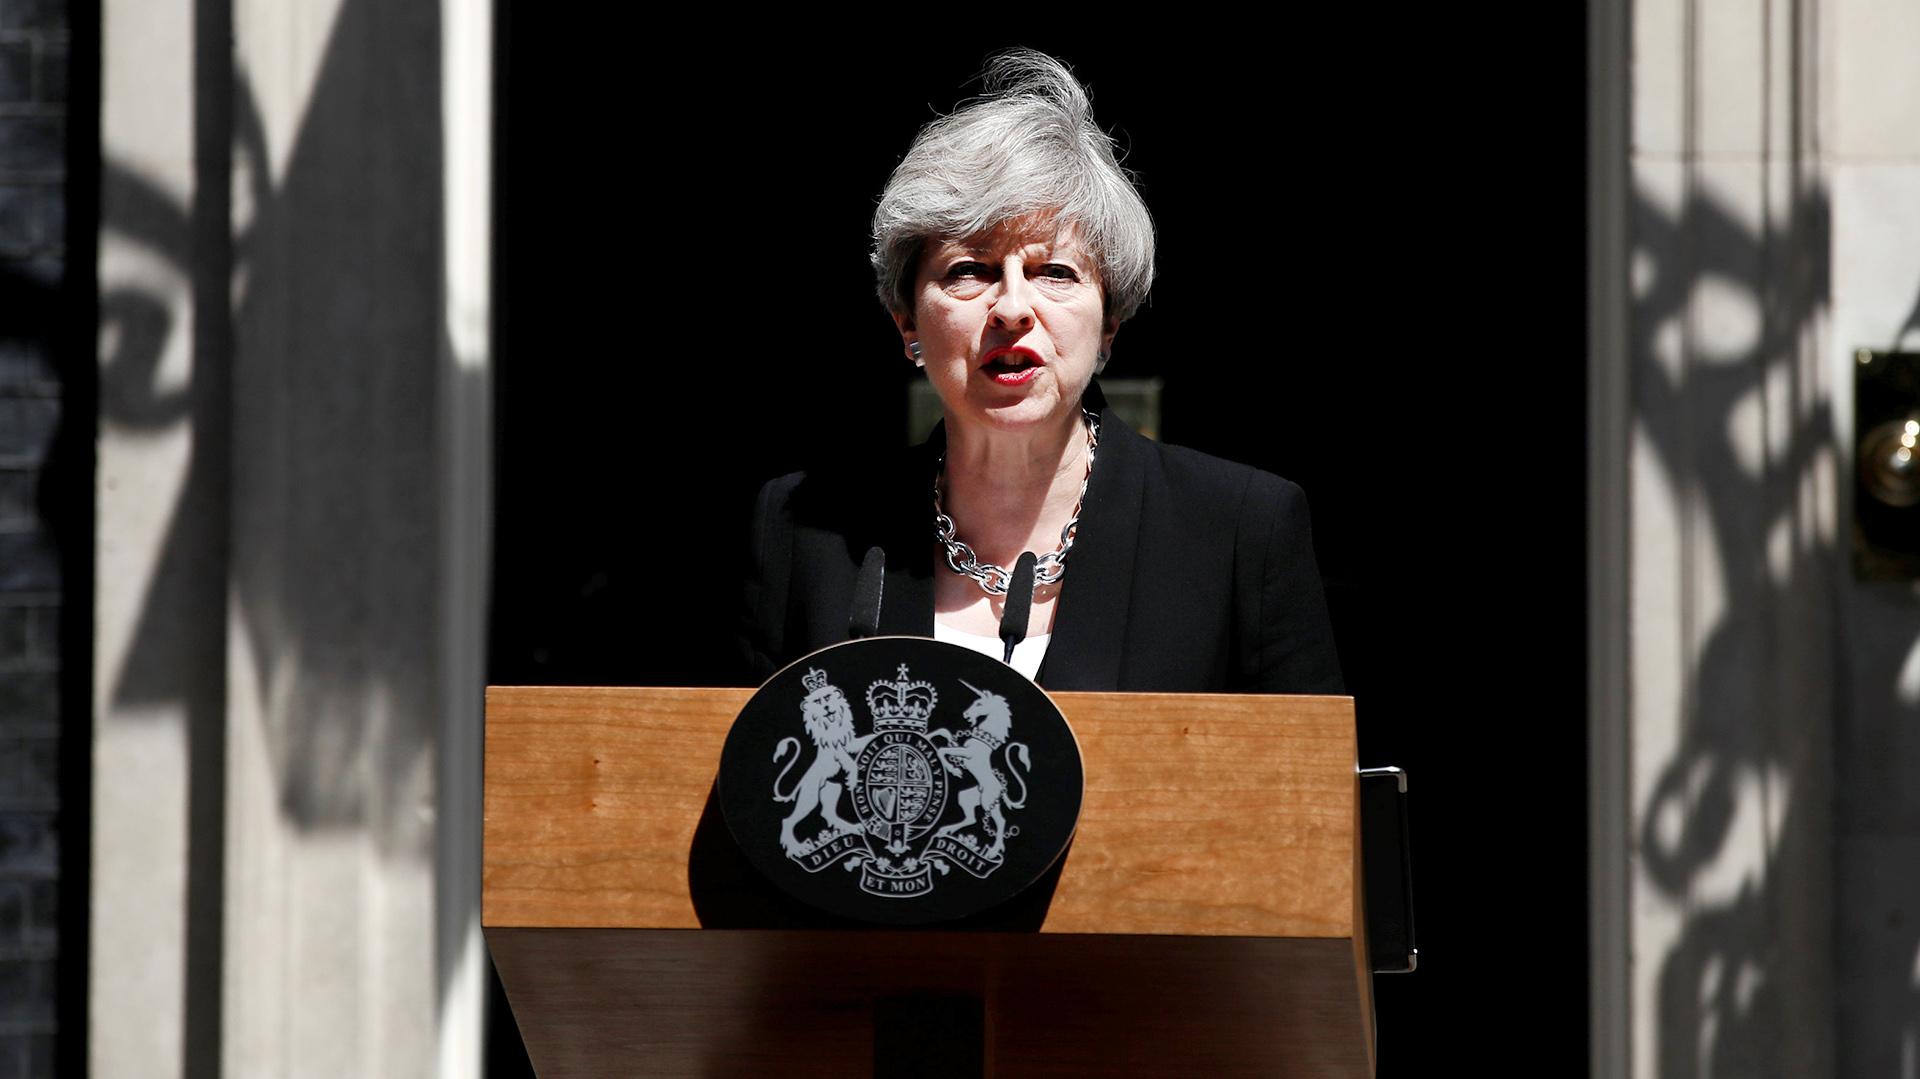 La primera ministra Theresa May, habla frente al número 10 de a Downing Street, oficina central del gobierno británico(Reuters)